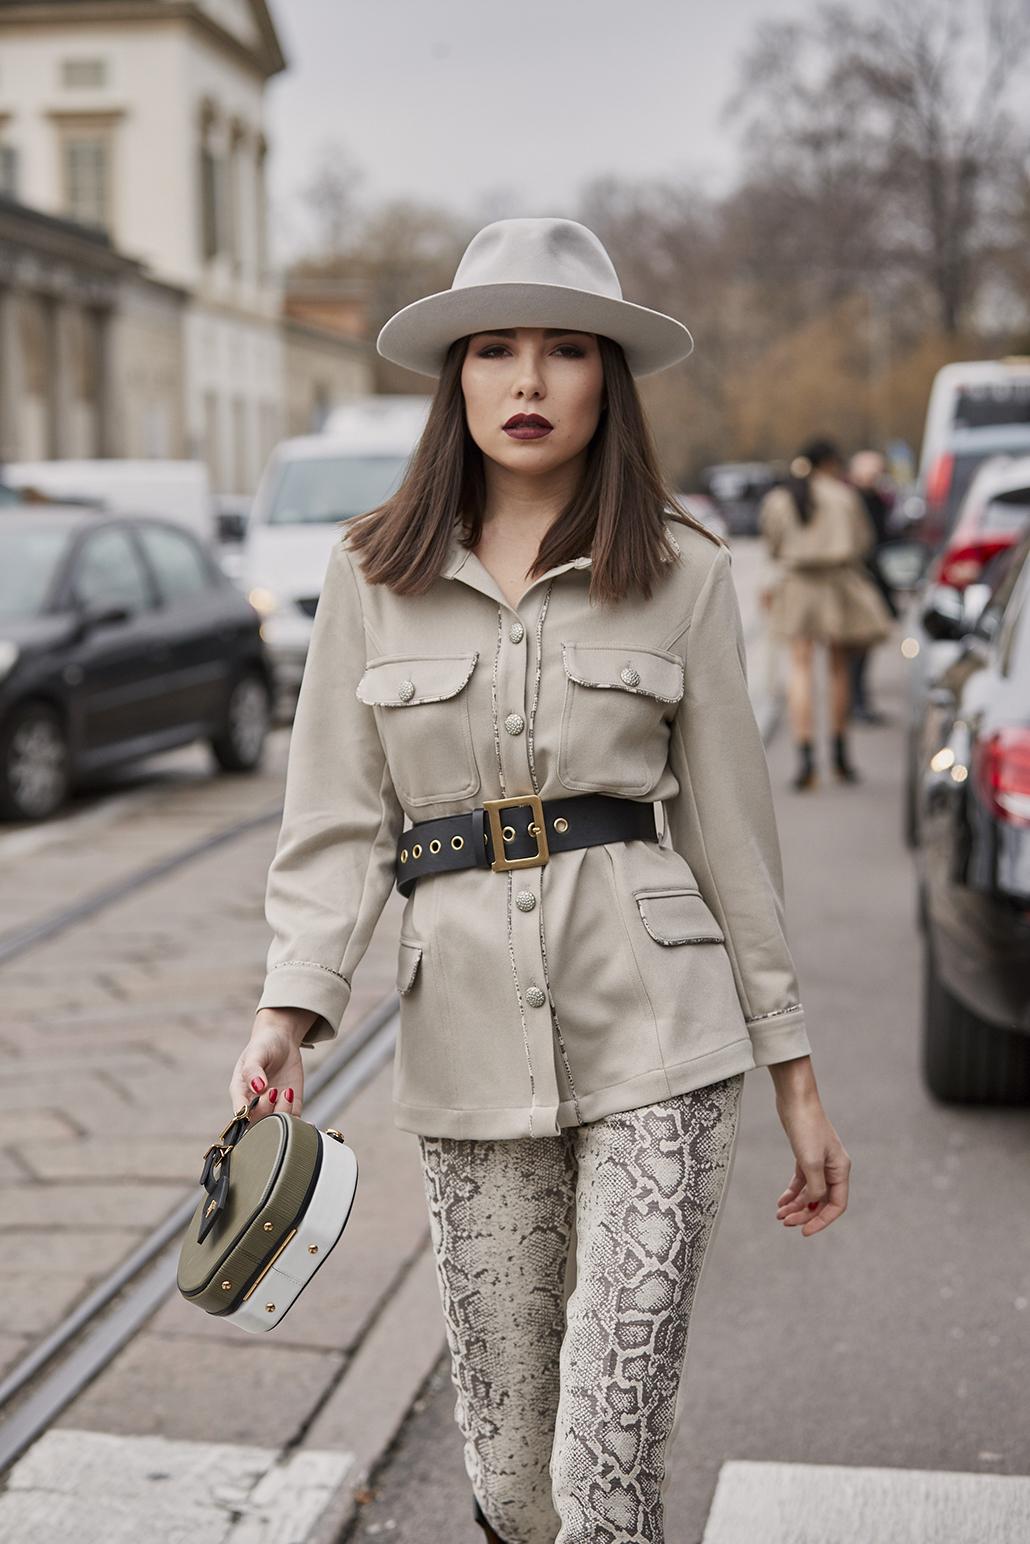 12 έξυπνοι τρόποι να φορέσεις «αλλιώς» το αγαπημένο σου σακάκι - ELLE 1060bb8787d